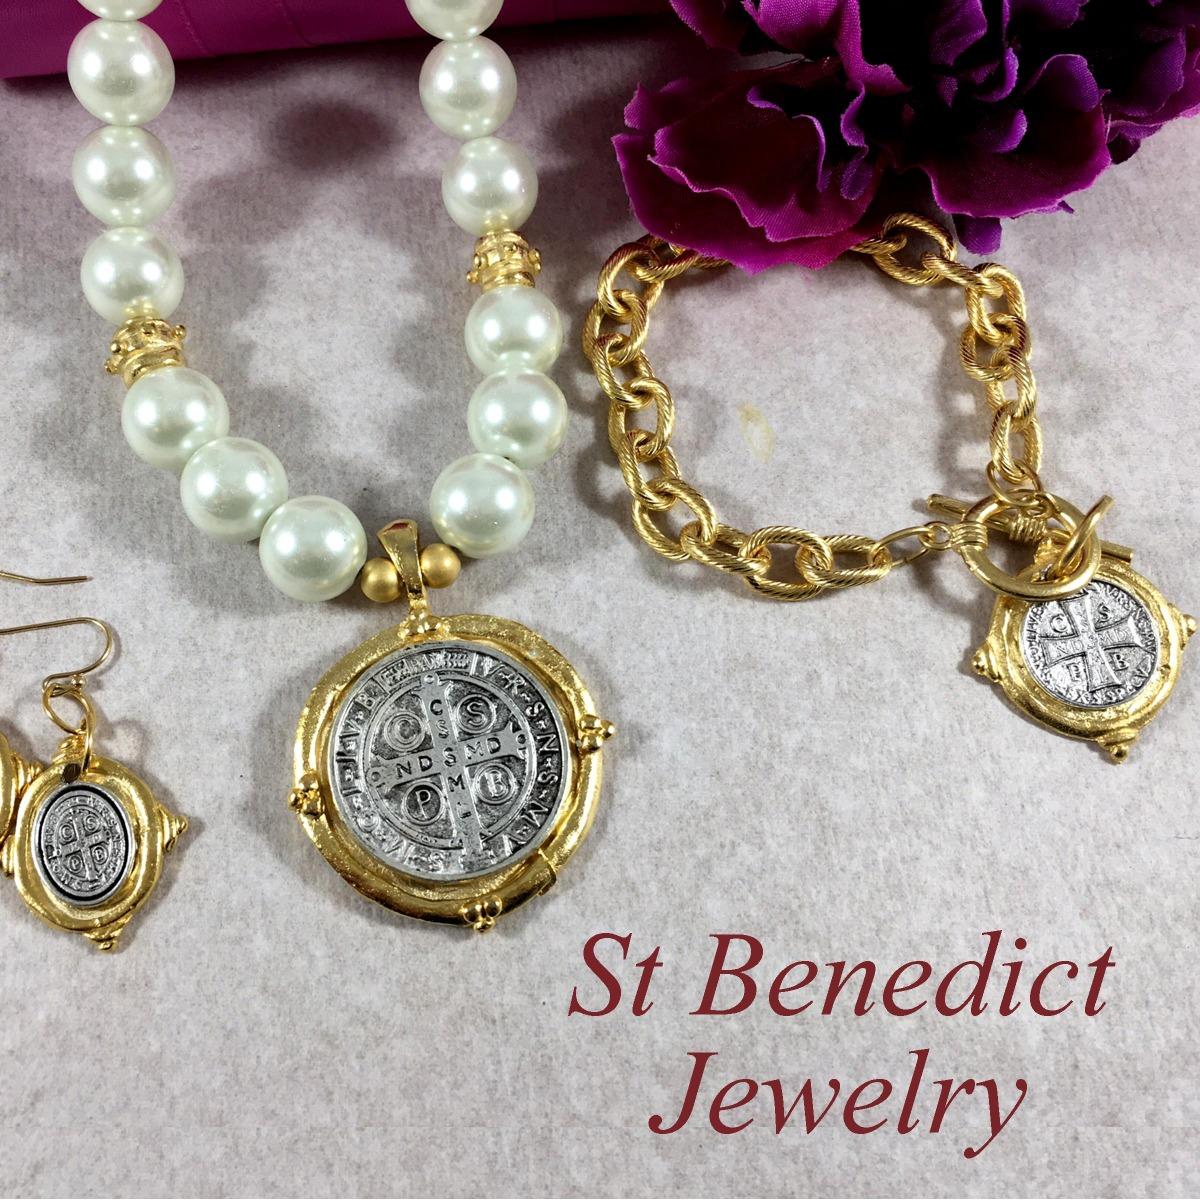 St Benedict Jewelry